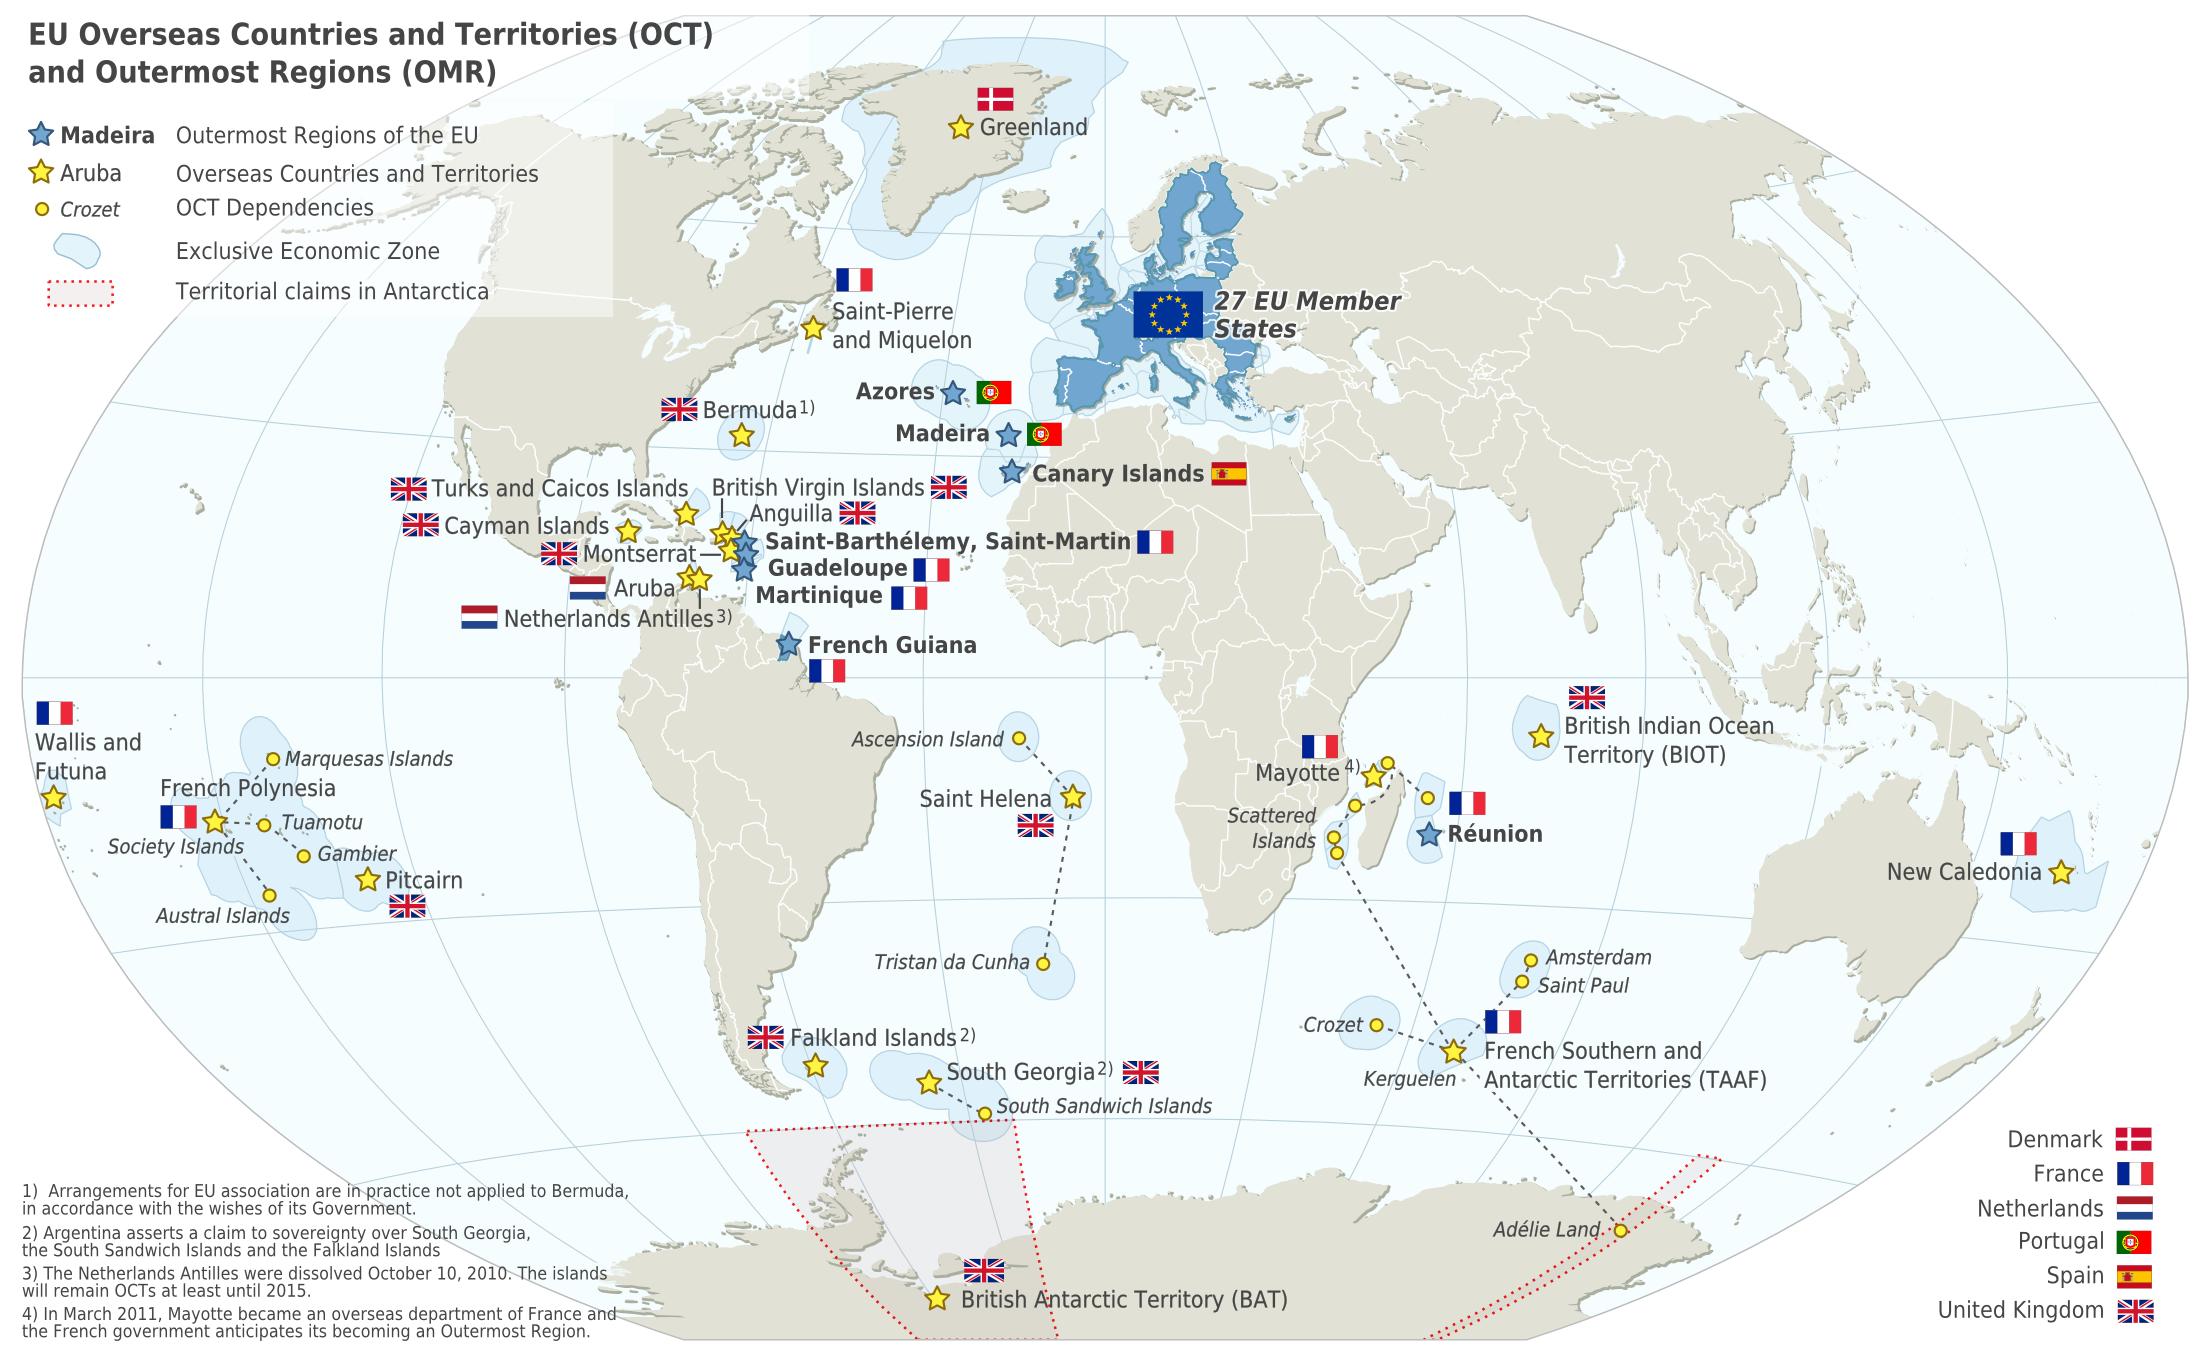 Mapa Todos Los Paises de Europa Mapa Con Todos Los Territorios